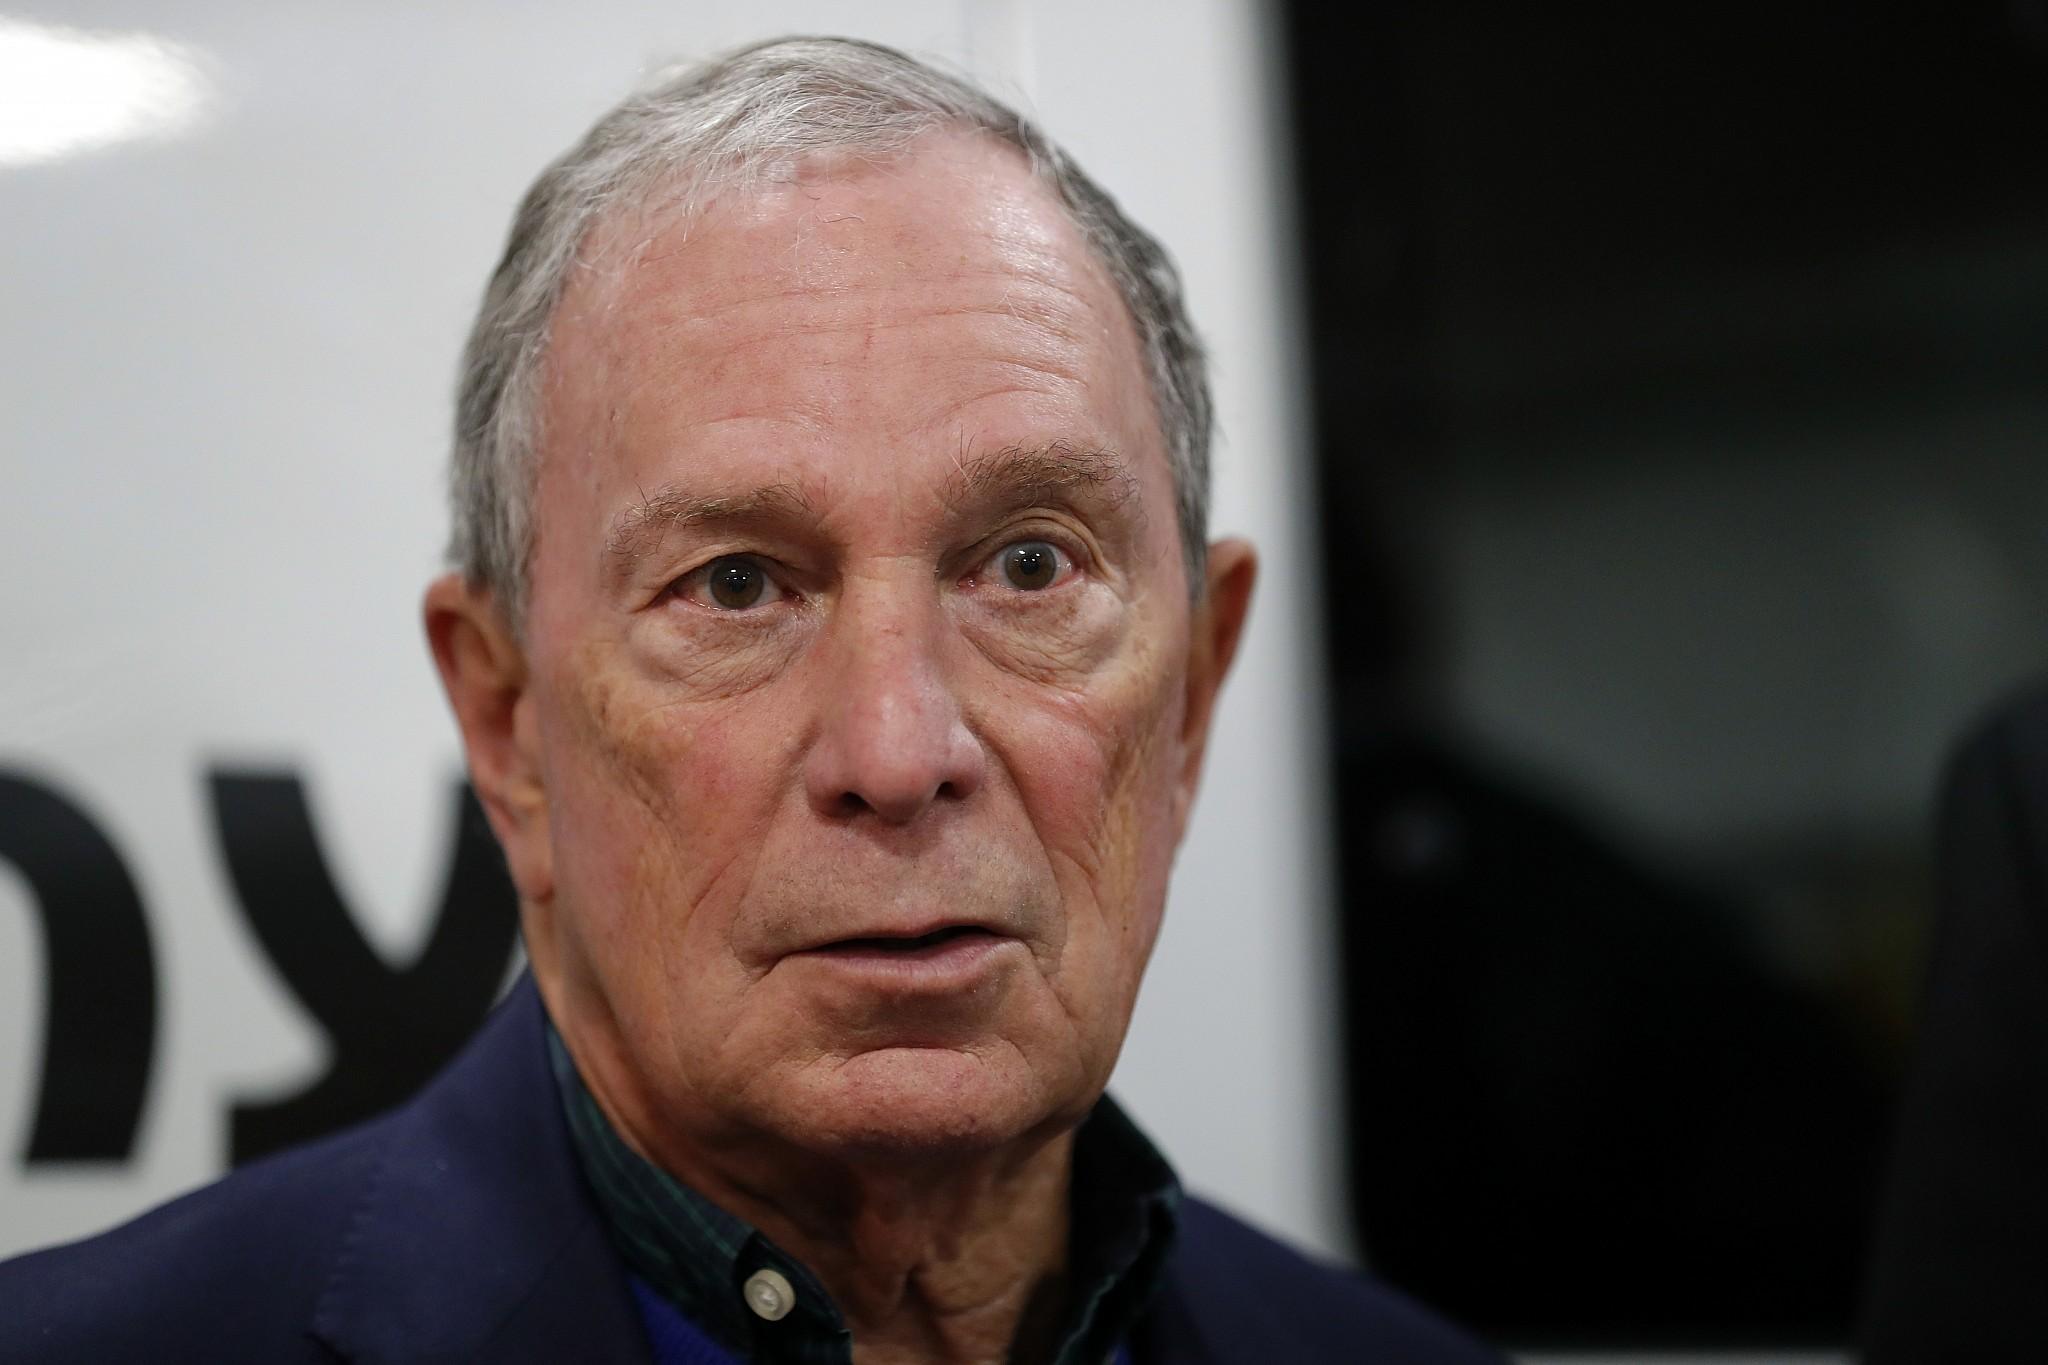 Bloomberg says he'd self-fund White House bid if he runs in 2020